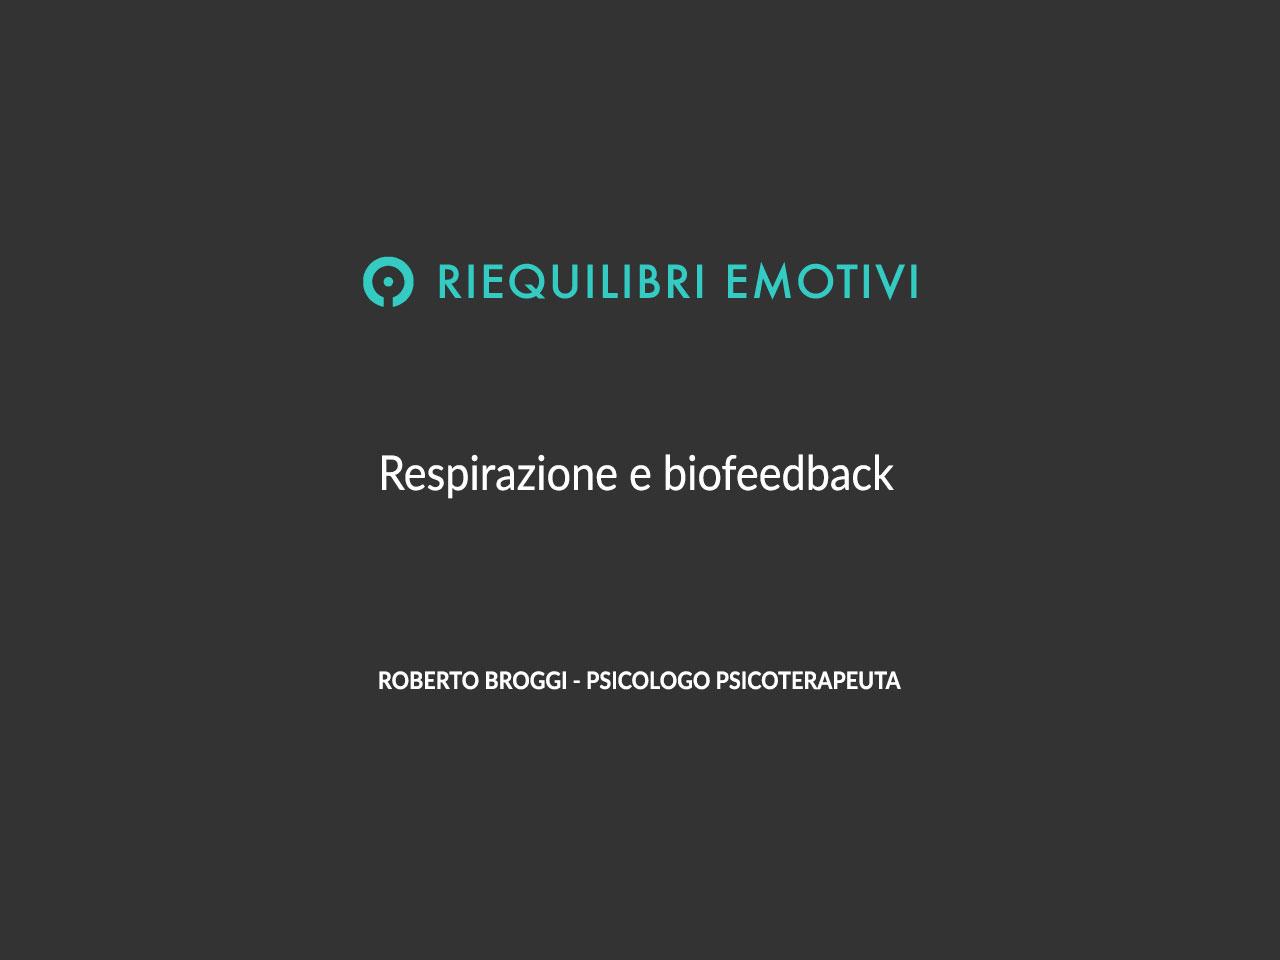 Respirazione-e-biofeedback